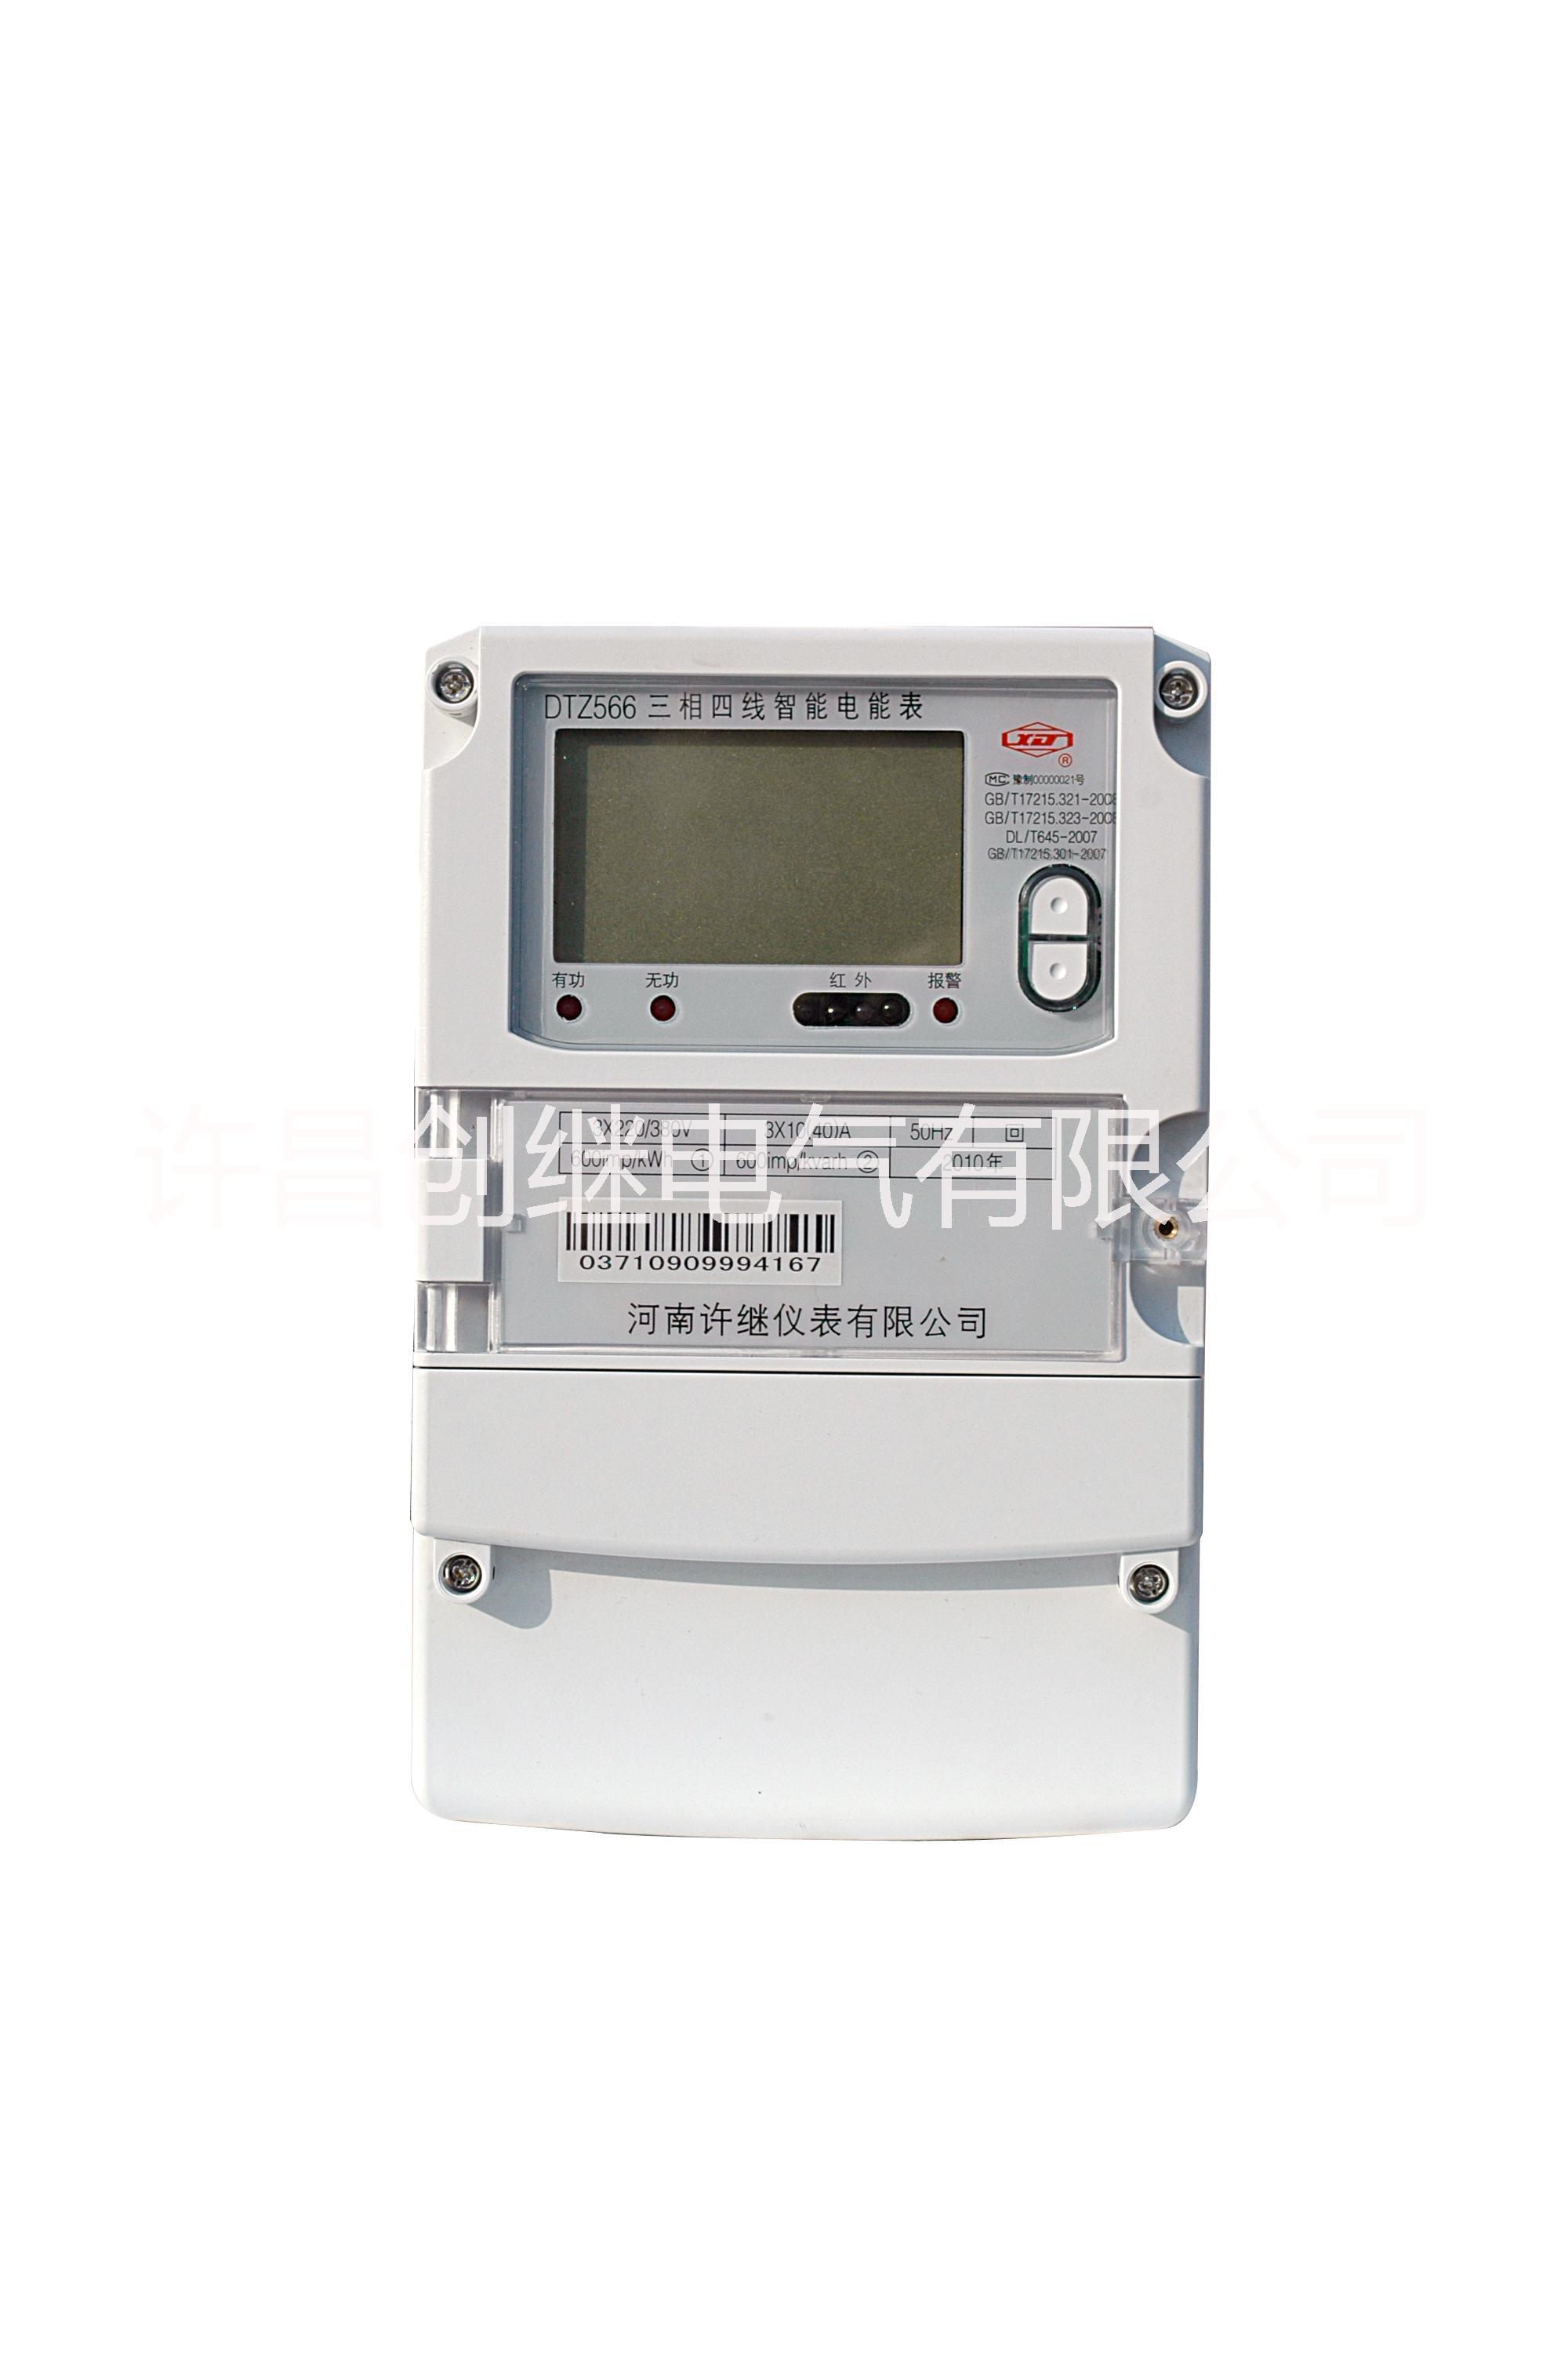 厂家直销许继三相智能多功能表DTZ566/DSZ566/智能表/多功能表/许继电表